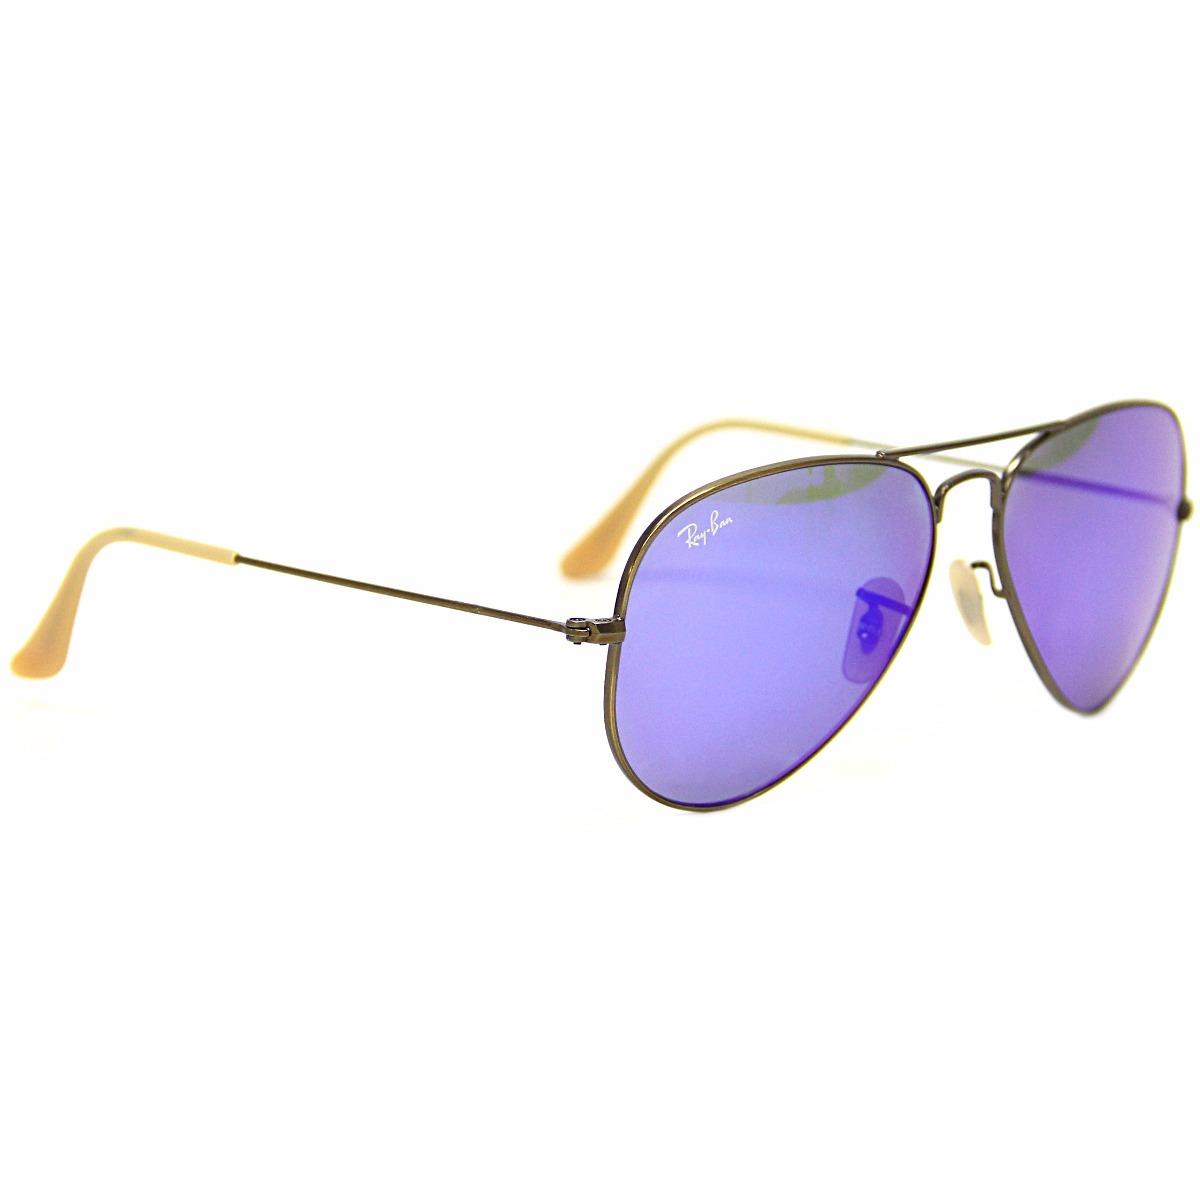 9de4c2c44983f Óculos De Sol Ray Ban Aviador 3025 Feminino Lilás - R  499,00 em ...